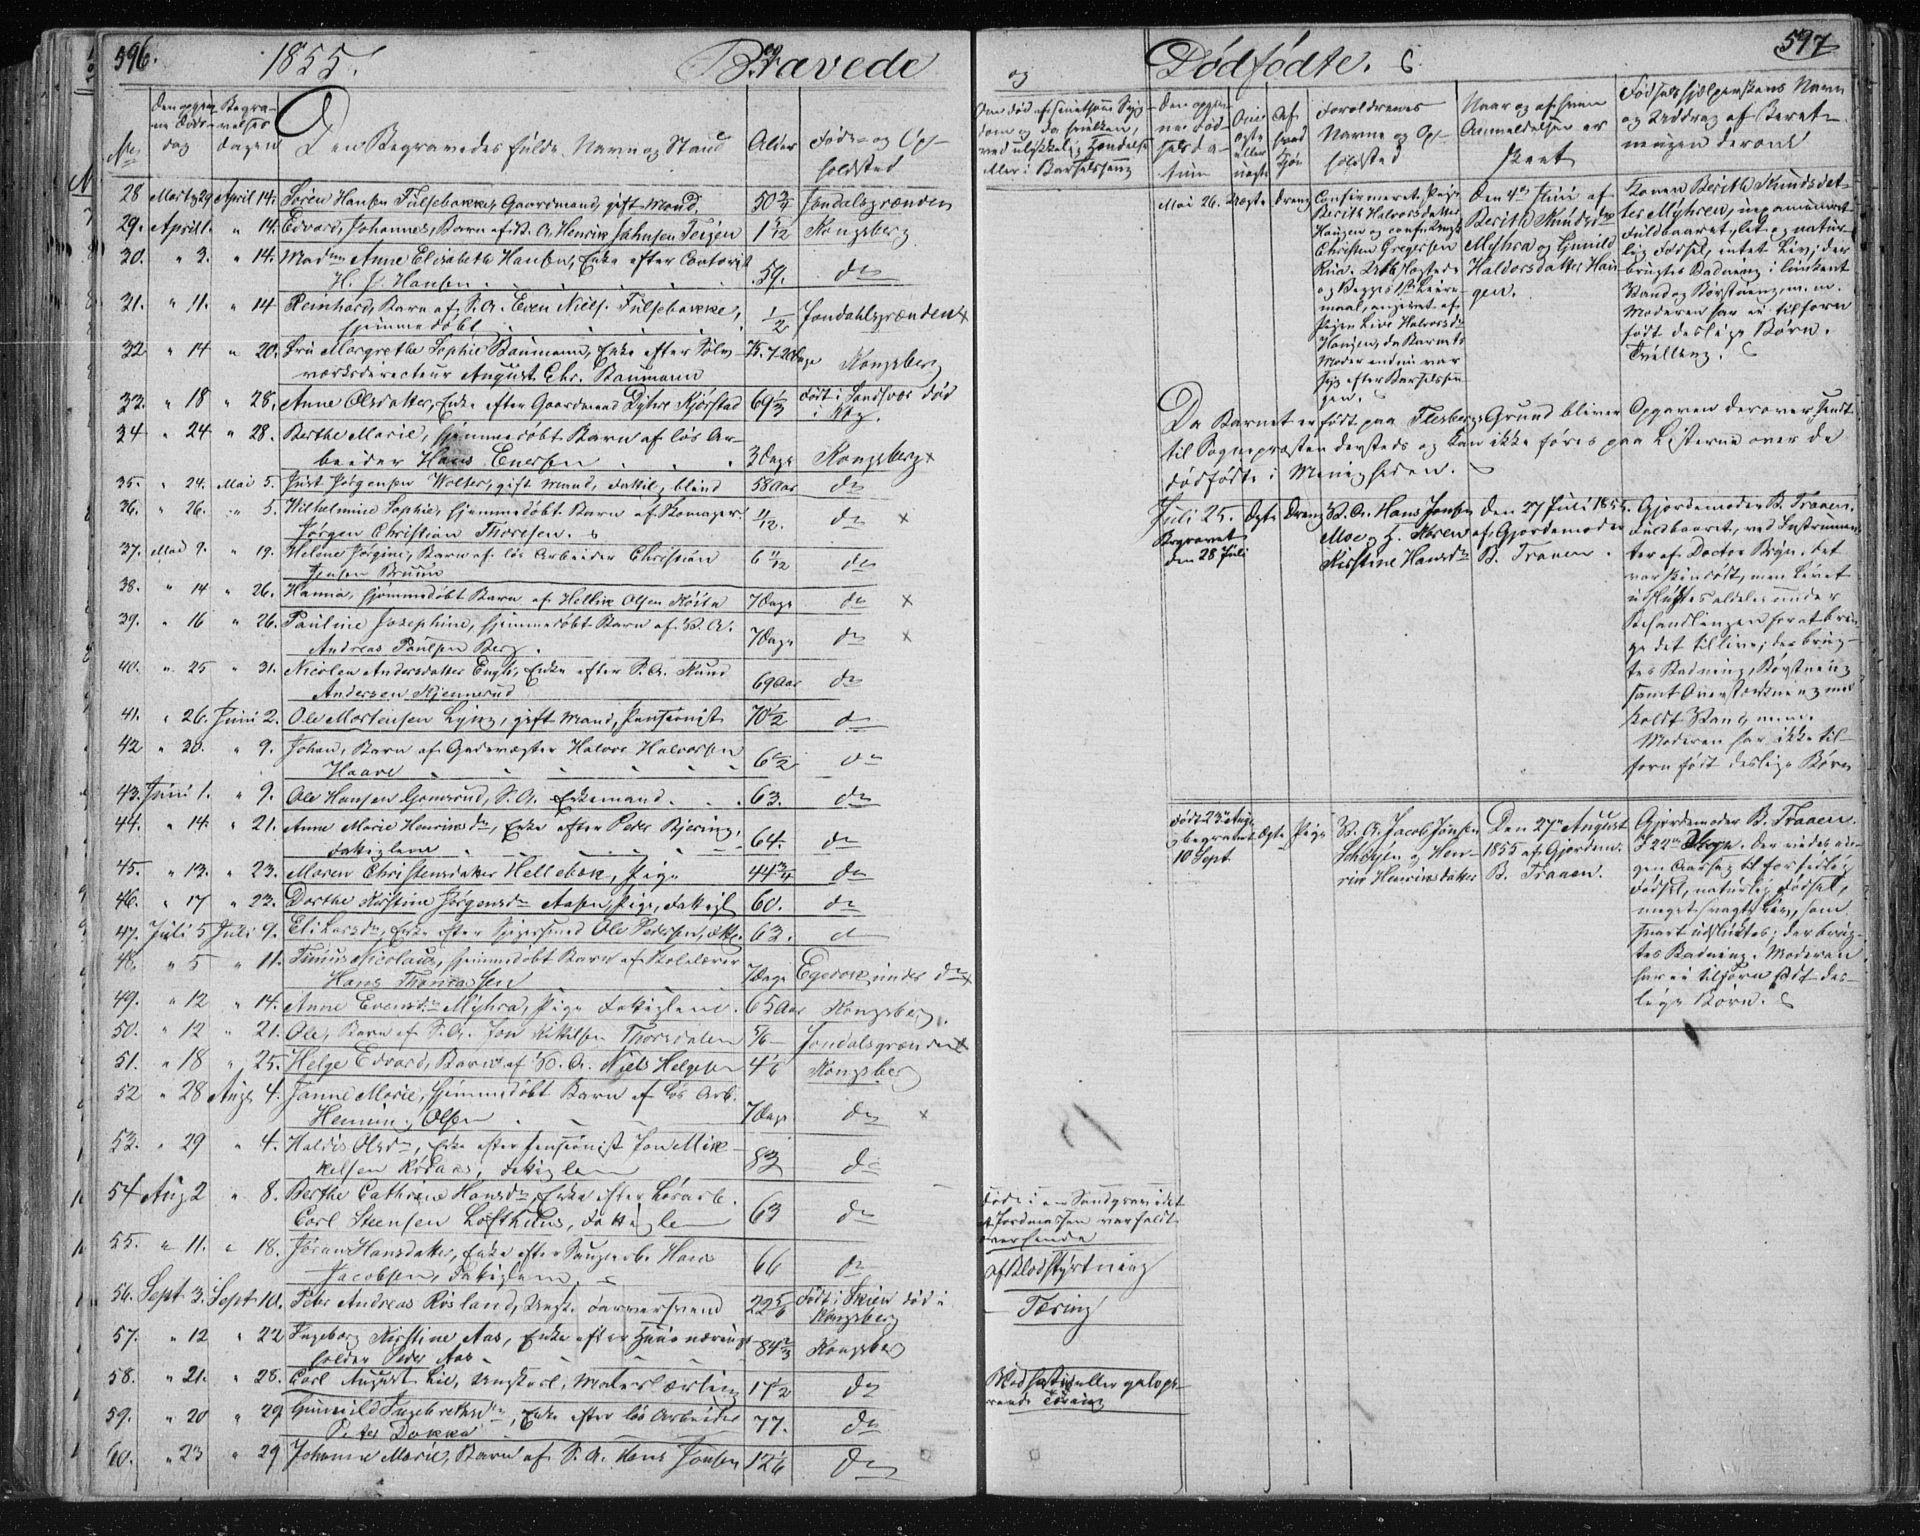 SAKO, Kongsberg kirkebøker, F/Fa/L0009: Ministerialbok nr. I 9, 1839-1858, s. 596-597